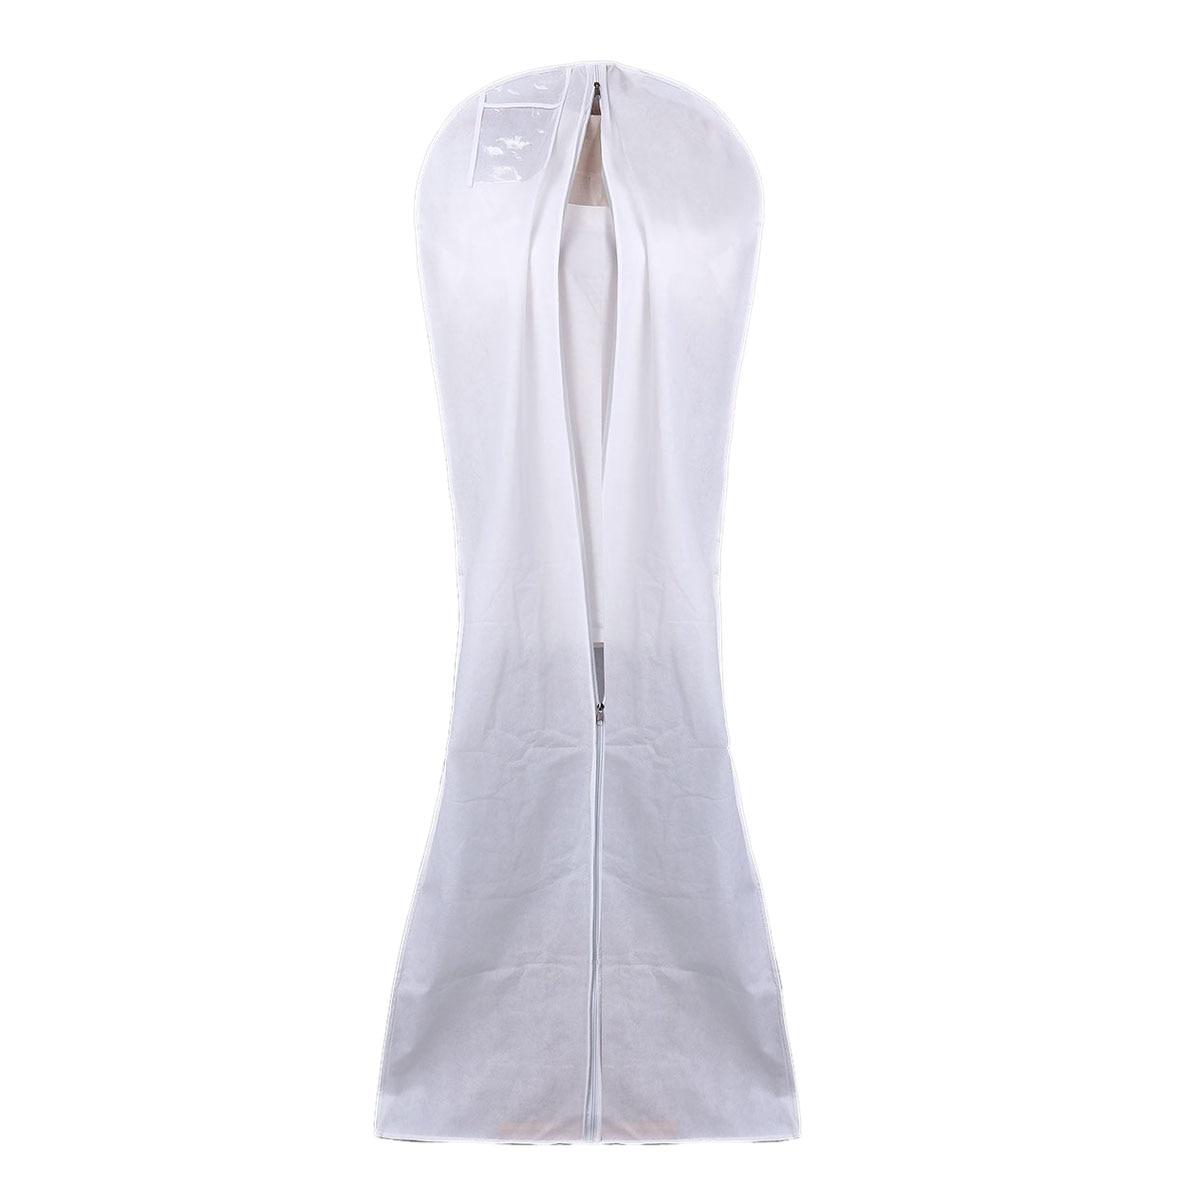 ultimate wedding dress garment bag with pockets wedding dress garment bag The Ultimate Wedding Dress Bag